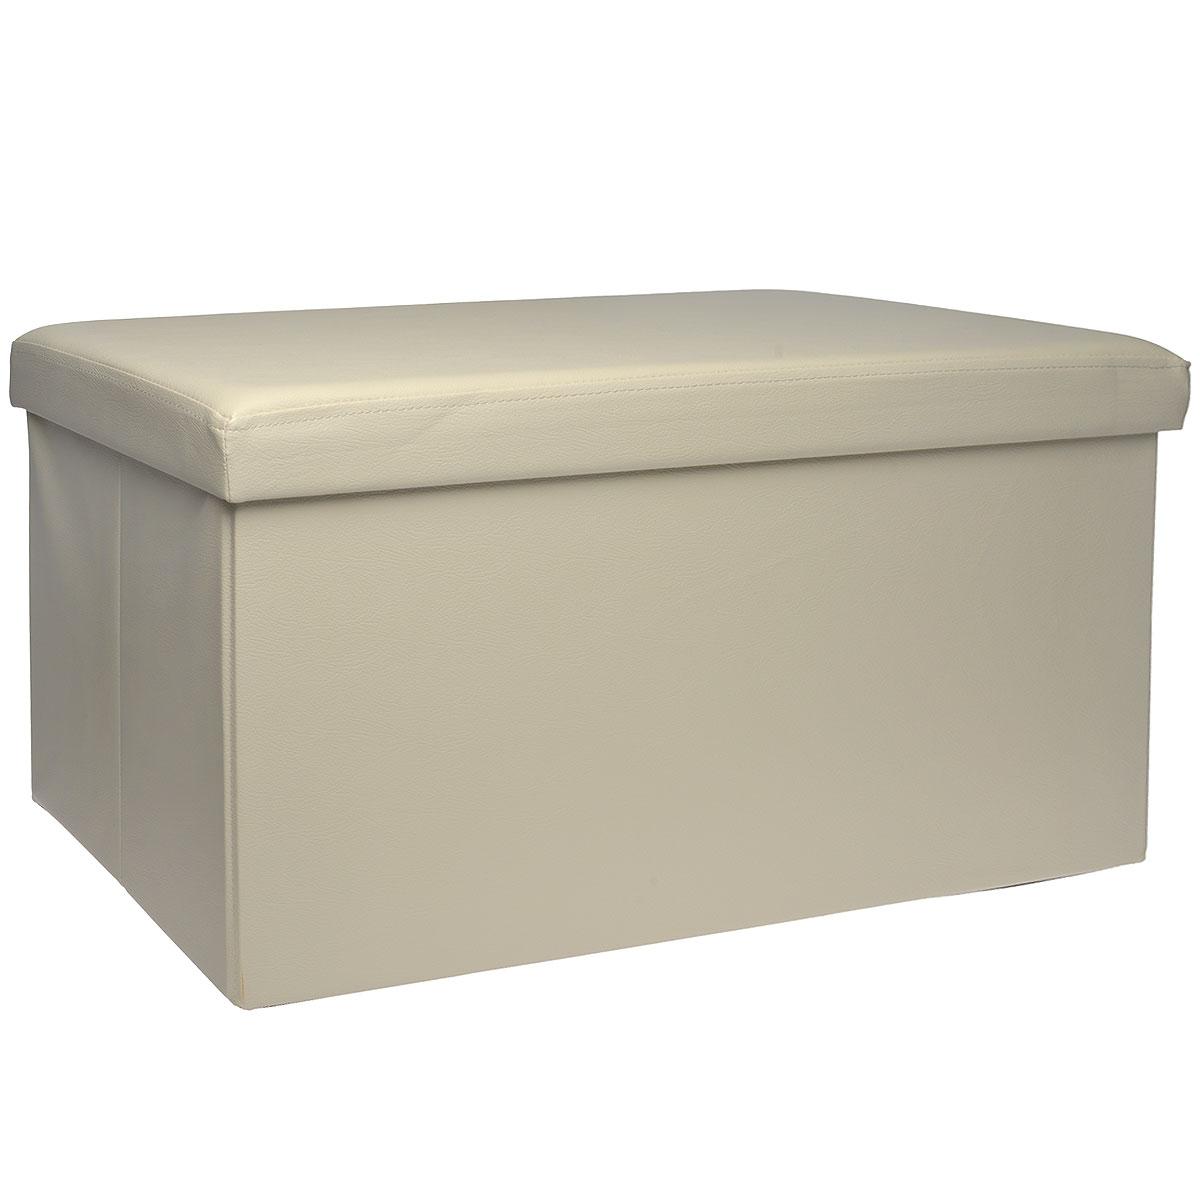 Пуфик Hausmann, с отделением для хранения, цвет: бежевый, 76 x 38 x 38 см4A-211-2Пуфик Hausmann- это очень удобная система хранения вещей в виде пуфика (стульчик), выдерживающего до 200 кг. Пуфик выполнен из МДФ и обтянут одноцветной искусственной кожей. Для мягкого сидения верхняя часть набита поролоном. Такой пуфик станет оригинальным объектом интерьера вашей прихожей или комнаты.